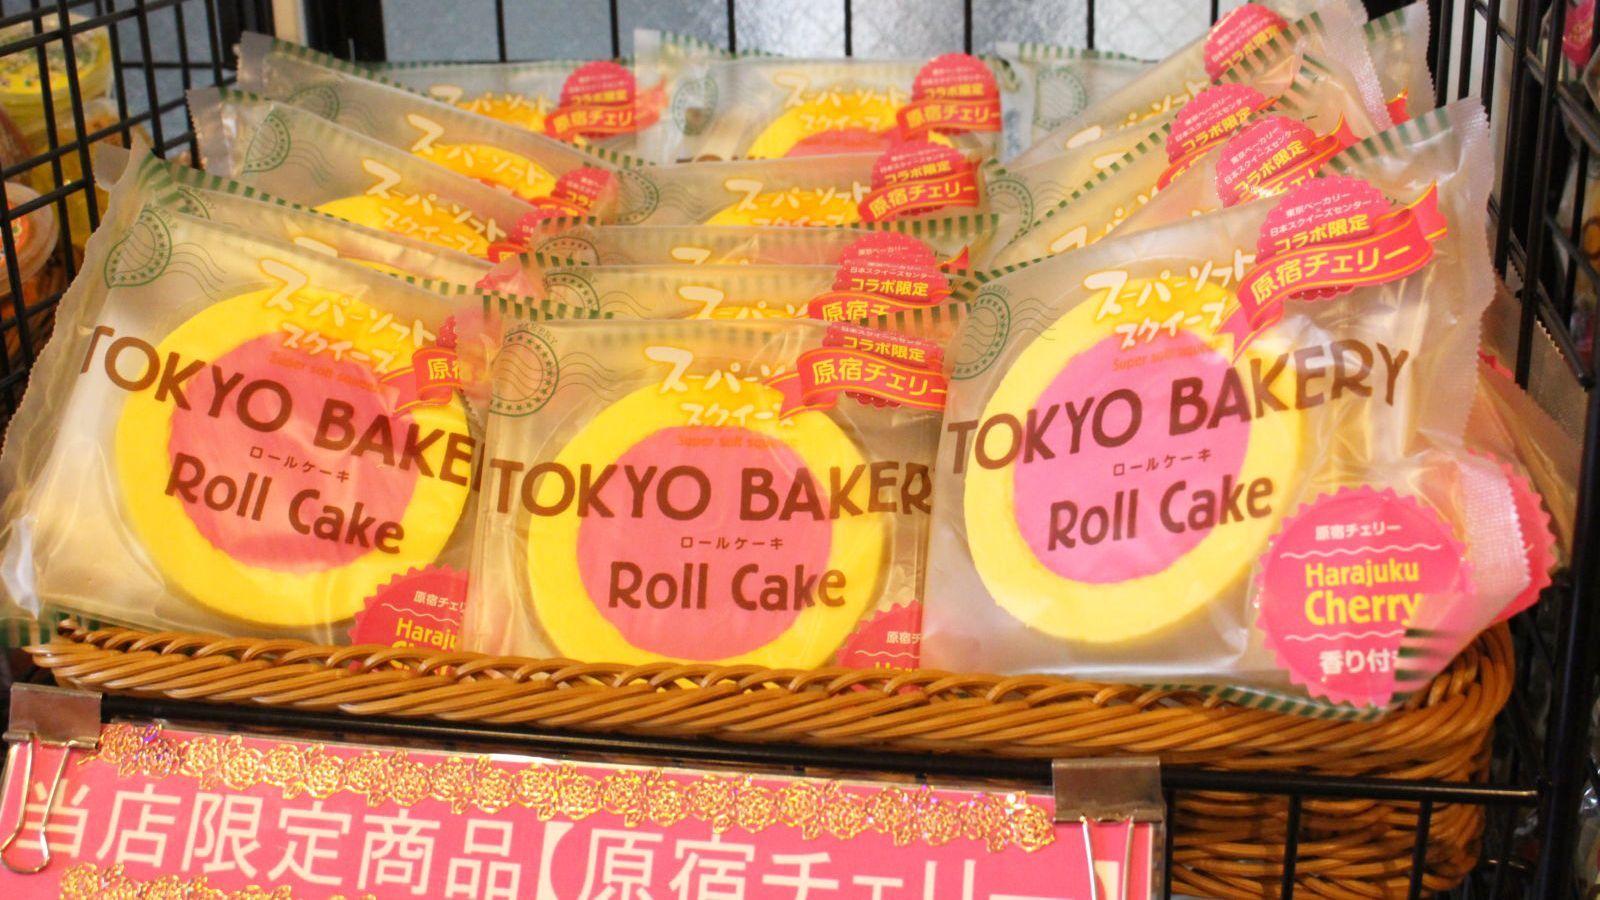 お菓子やパンをかたどったモギュモギュ触る「スクイーズ」が今、子どもに大人気。原宿にある日本初のスクイーズ専門店に娘と買い物に行き、最新の人気スクイーズ情報や